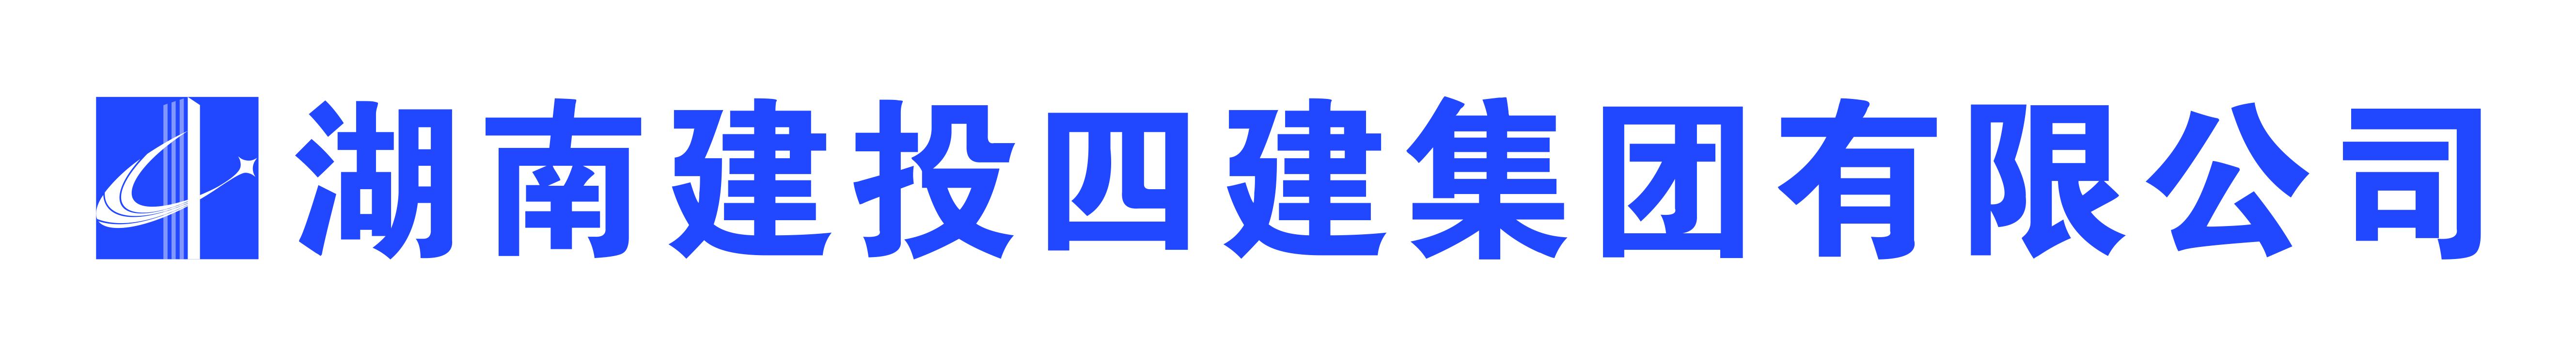 湖南第四最新版本万博app下载有限公司